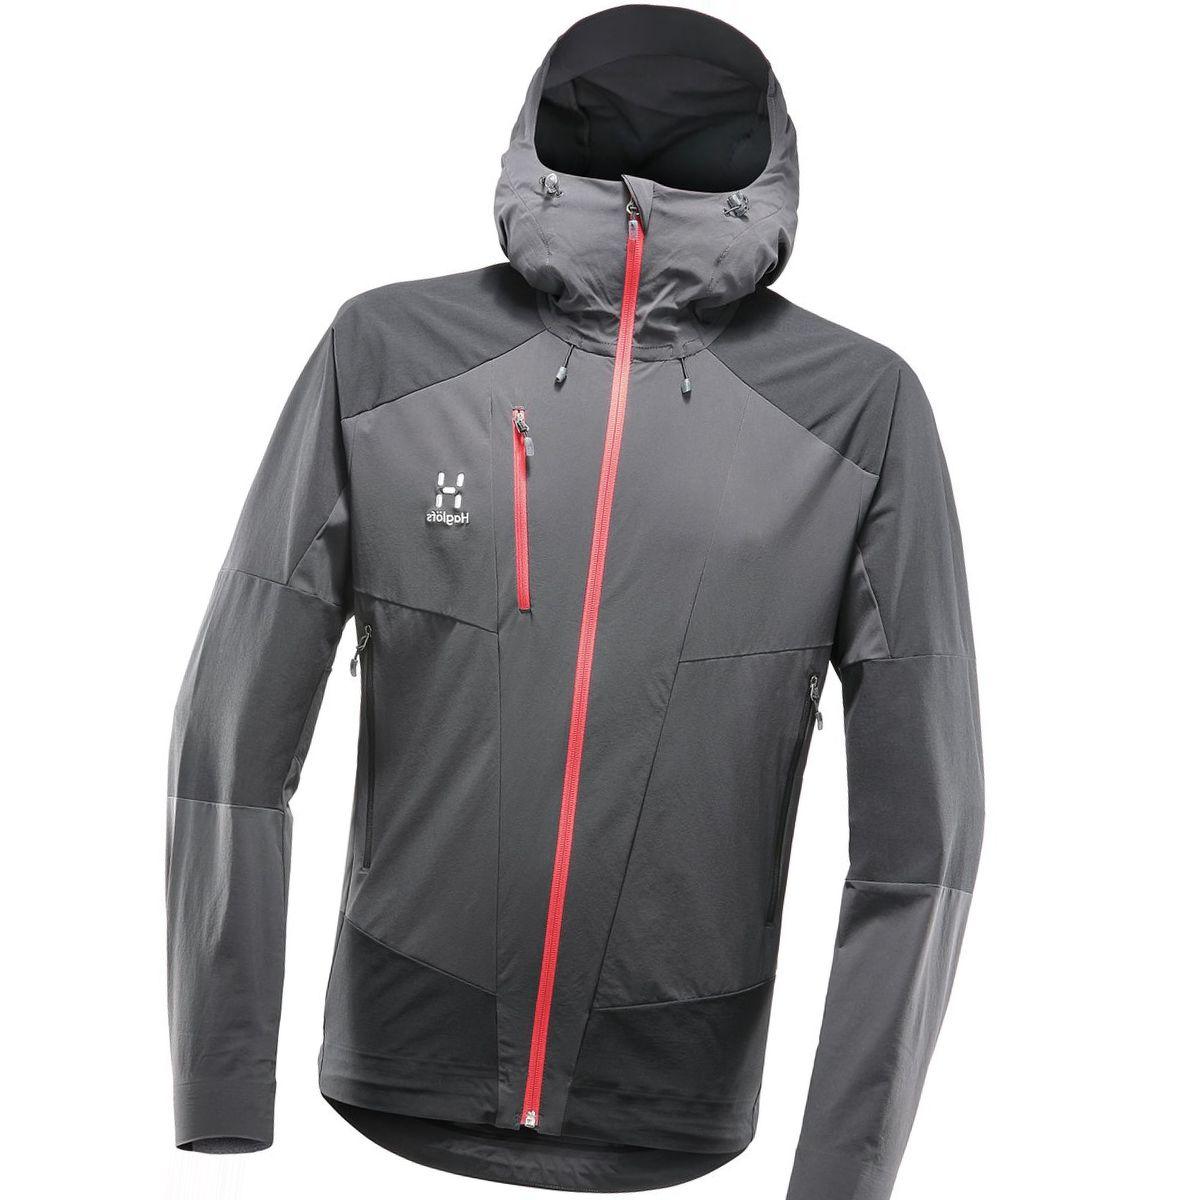 Haglofs Skarn Hybrid Jacket - Men's